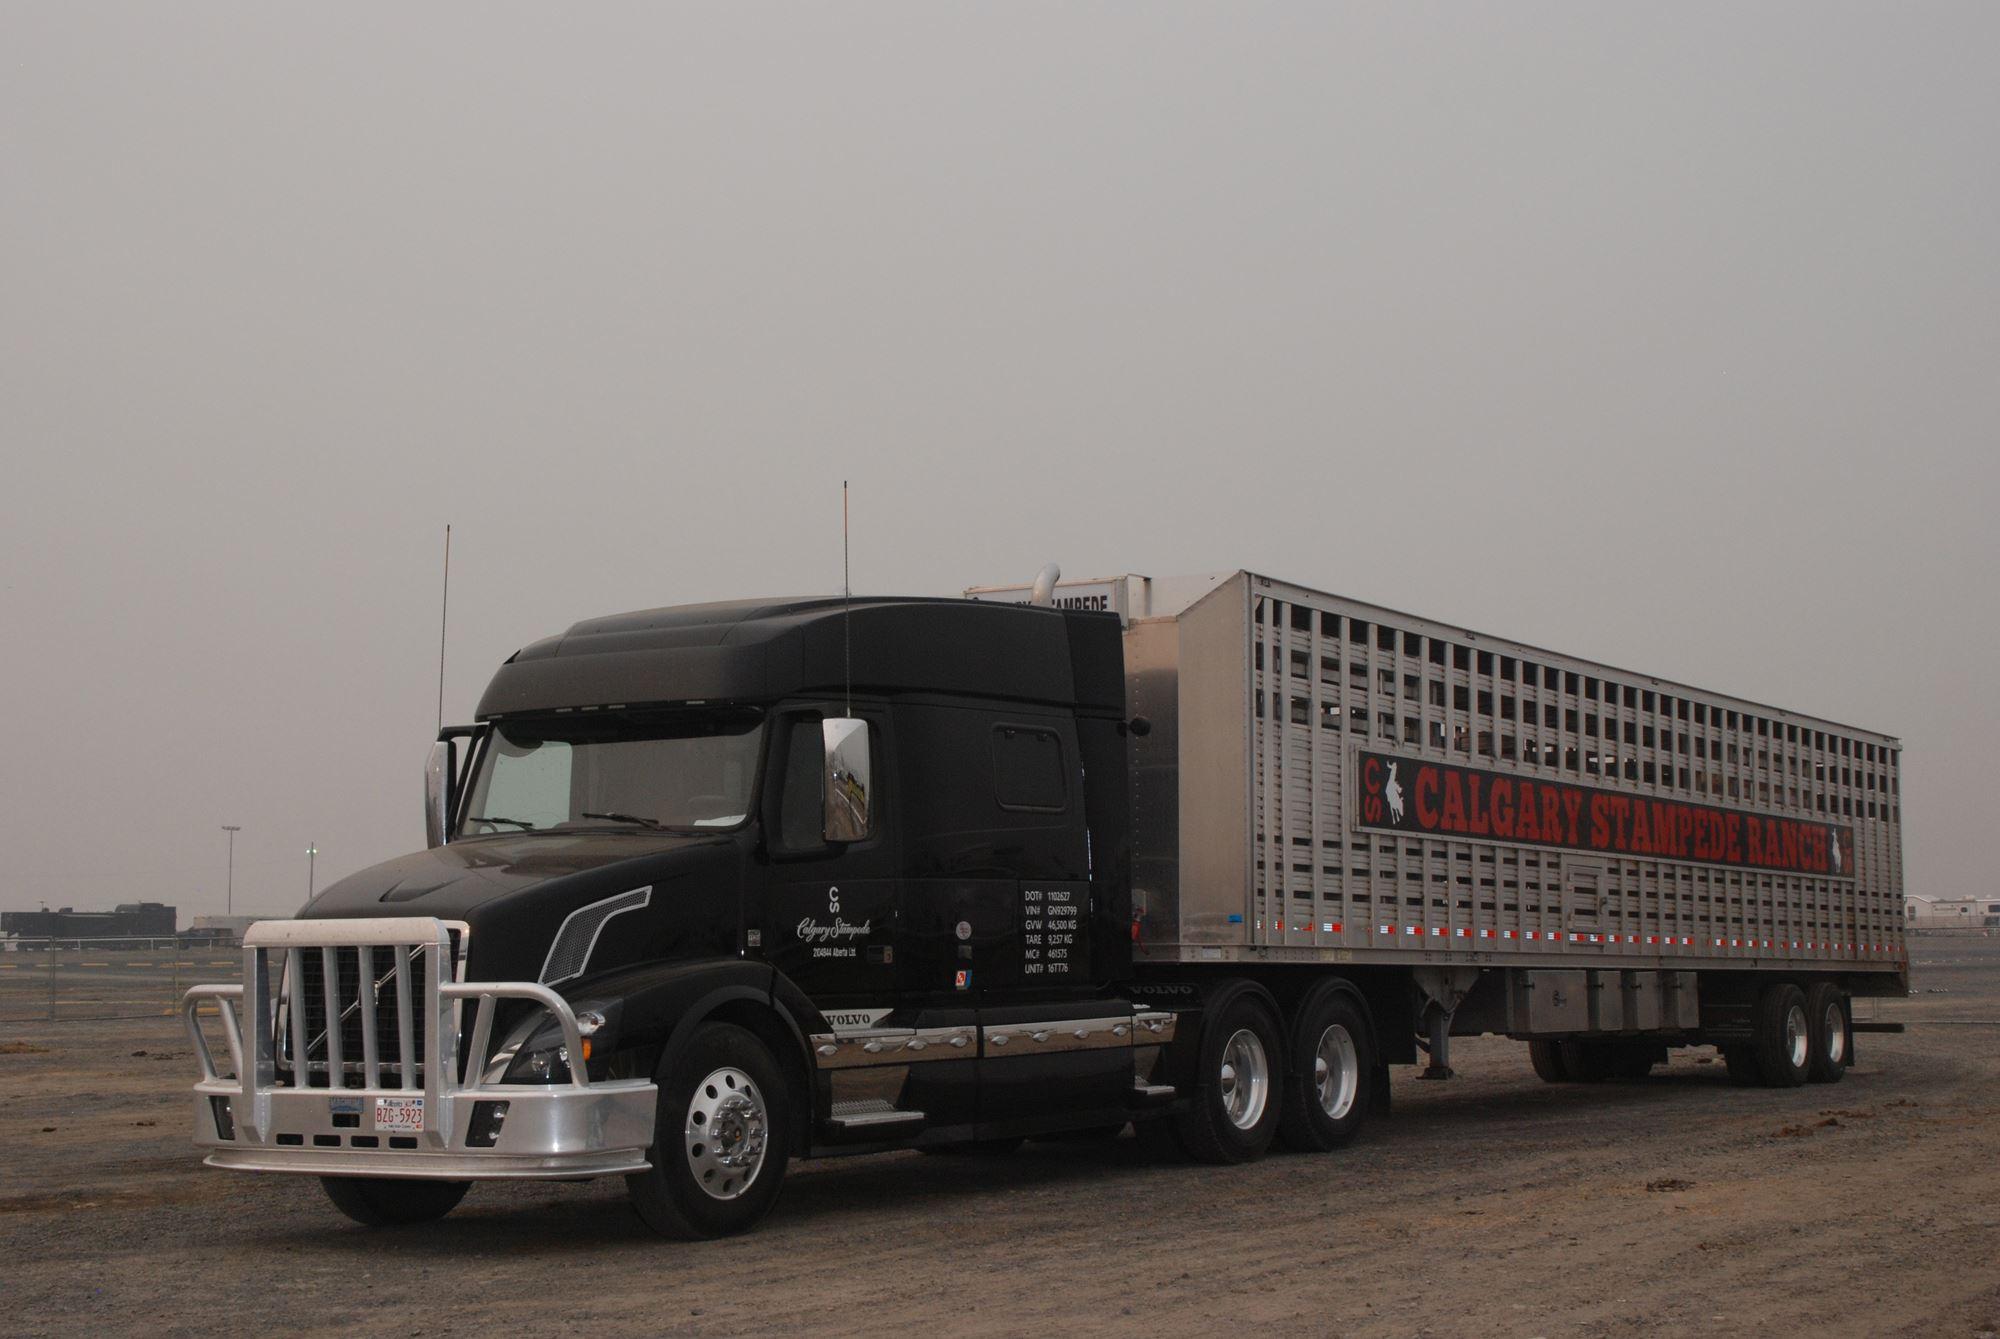 Calgary Stampede Truck